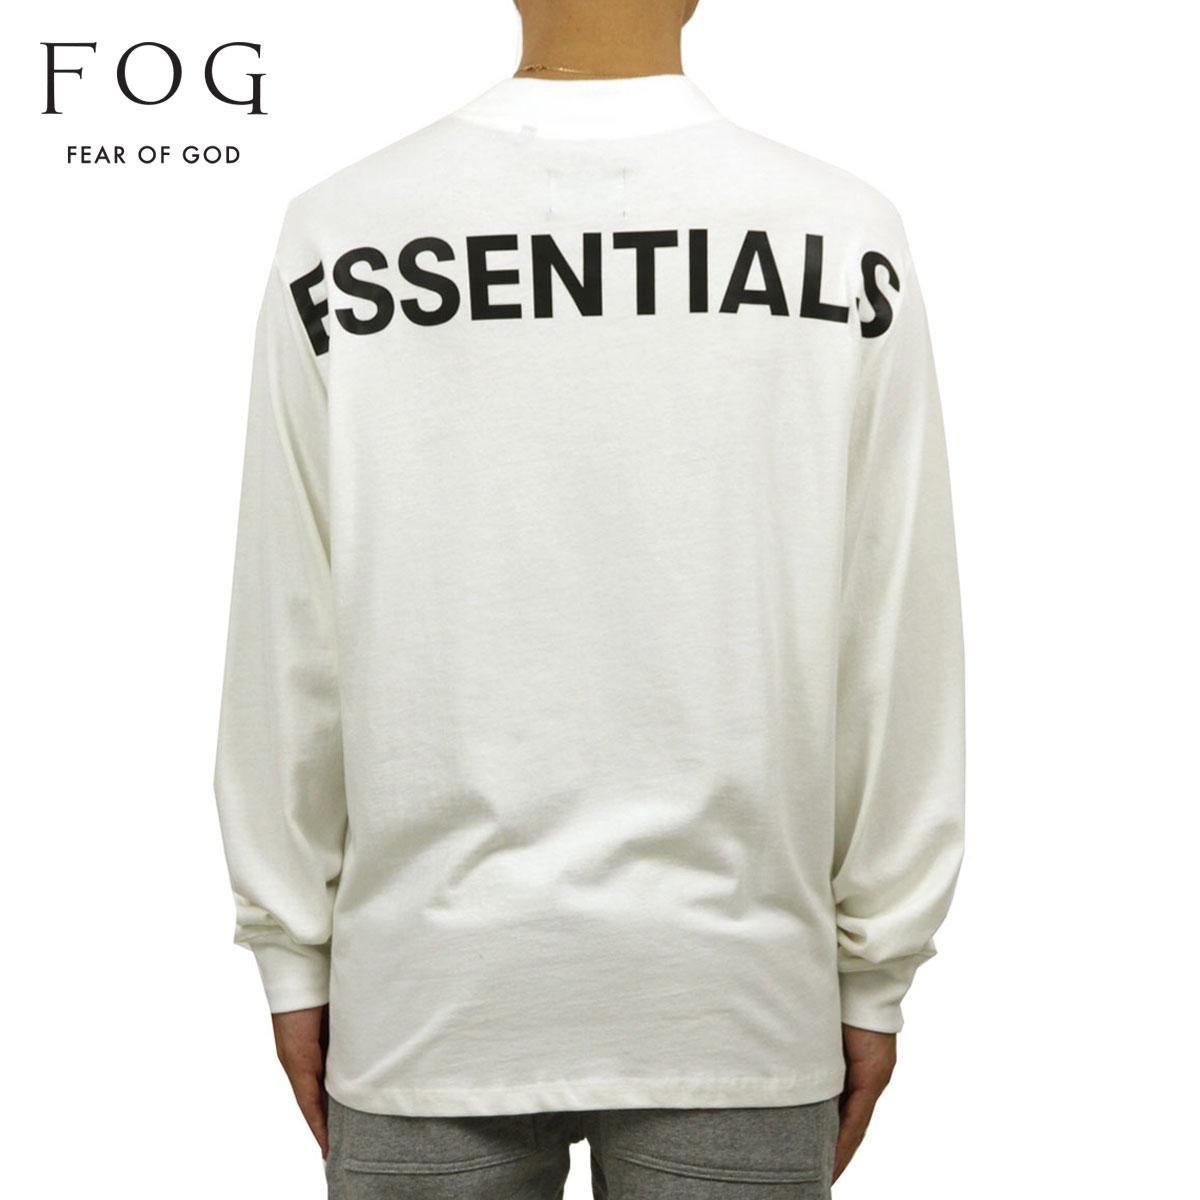 フィアオブゴッド Tシャツ 正規品 FEAR OF GOD 長袖Tシャツ クルーネック ロゴ FOG - FEAR OF GOD ESSENTIALS LONG SLEEVE BOXY T-SHIRT WHITE